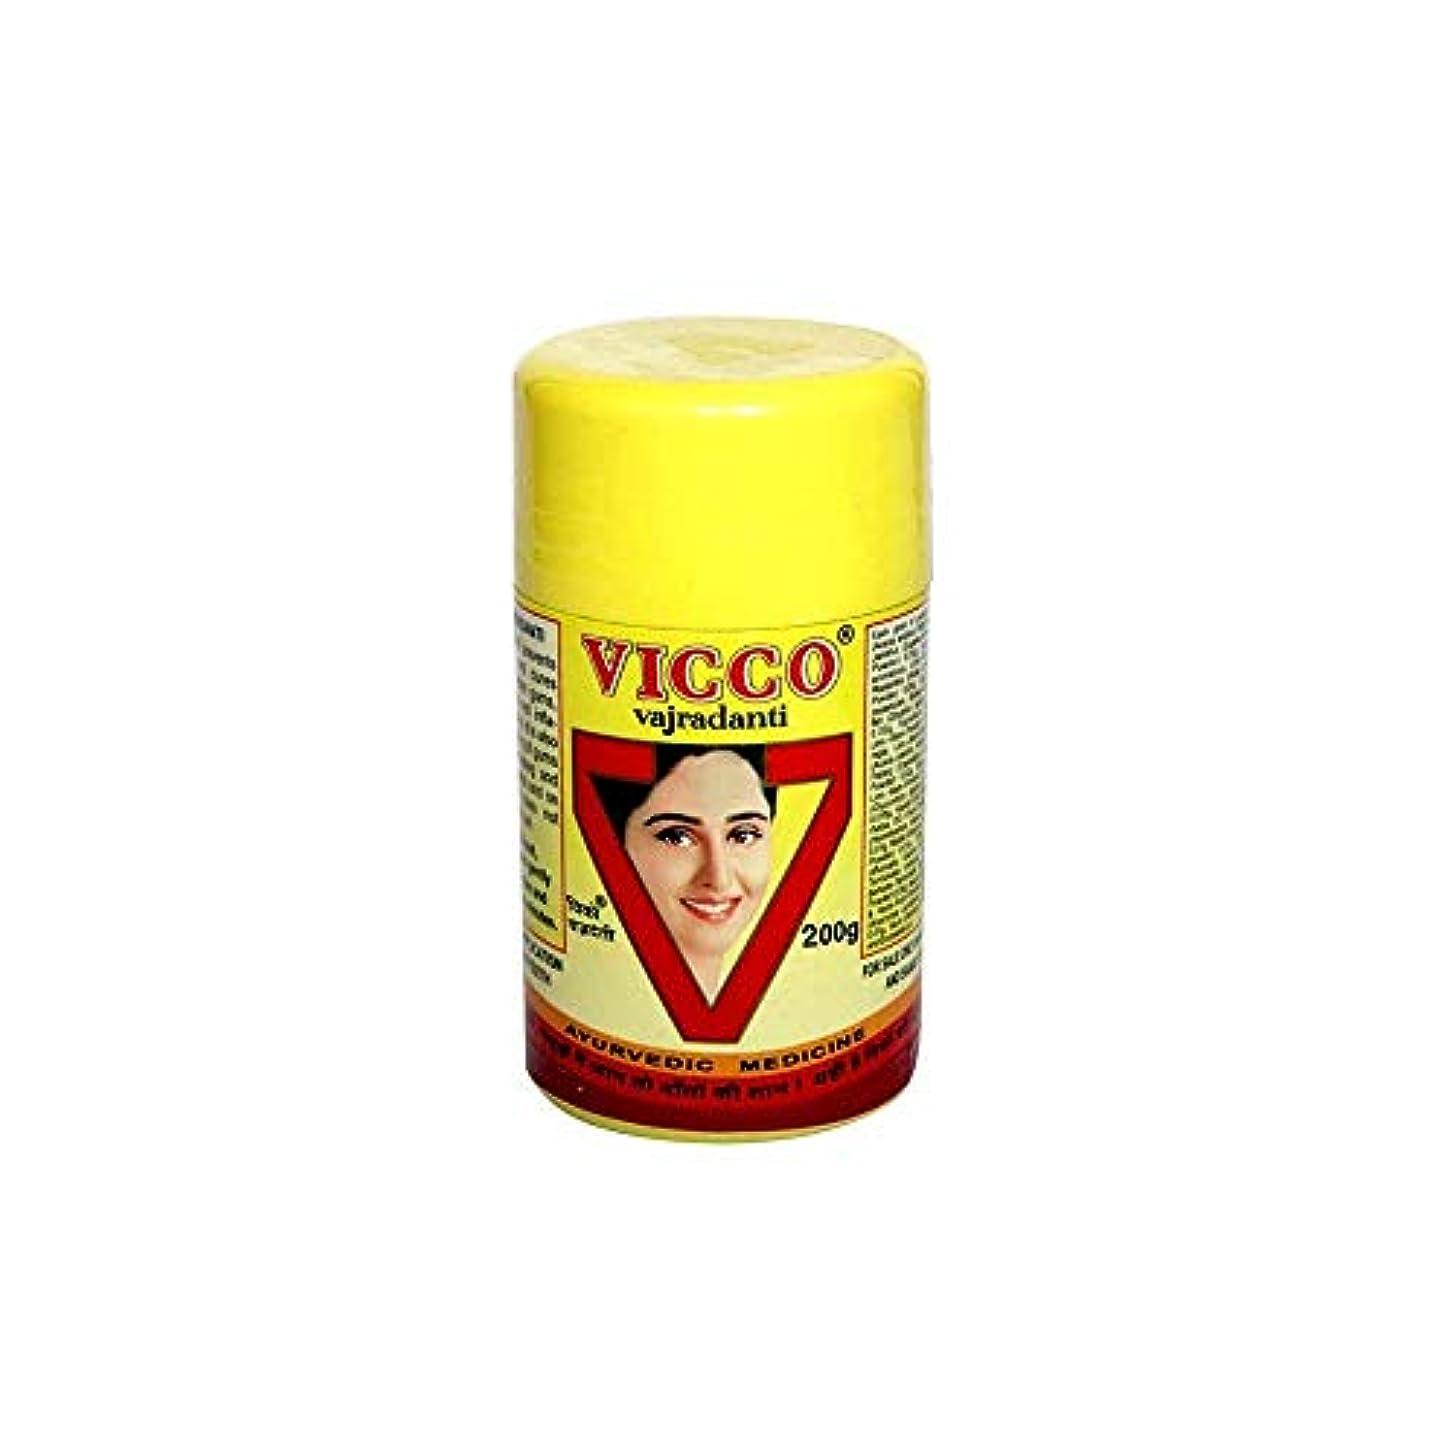 特権シャツ崇拝しますVicco Vajradanti Ayurvedic Herbal Tooth Powder 200g Prevents Tooth Decay Cures by Vicco Lab